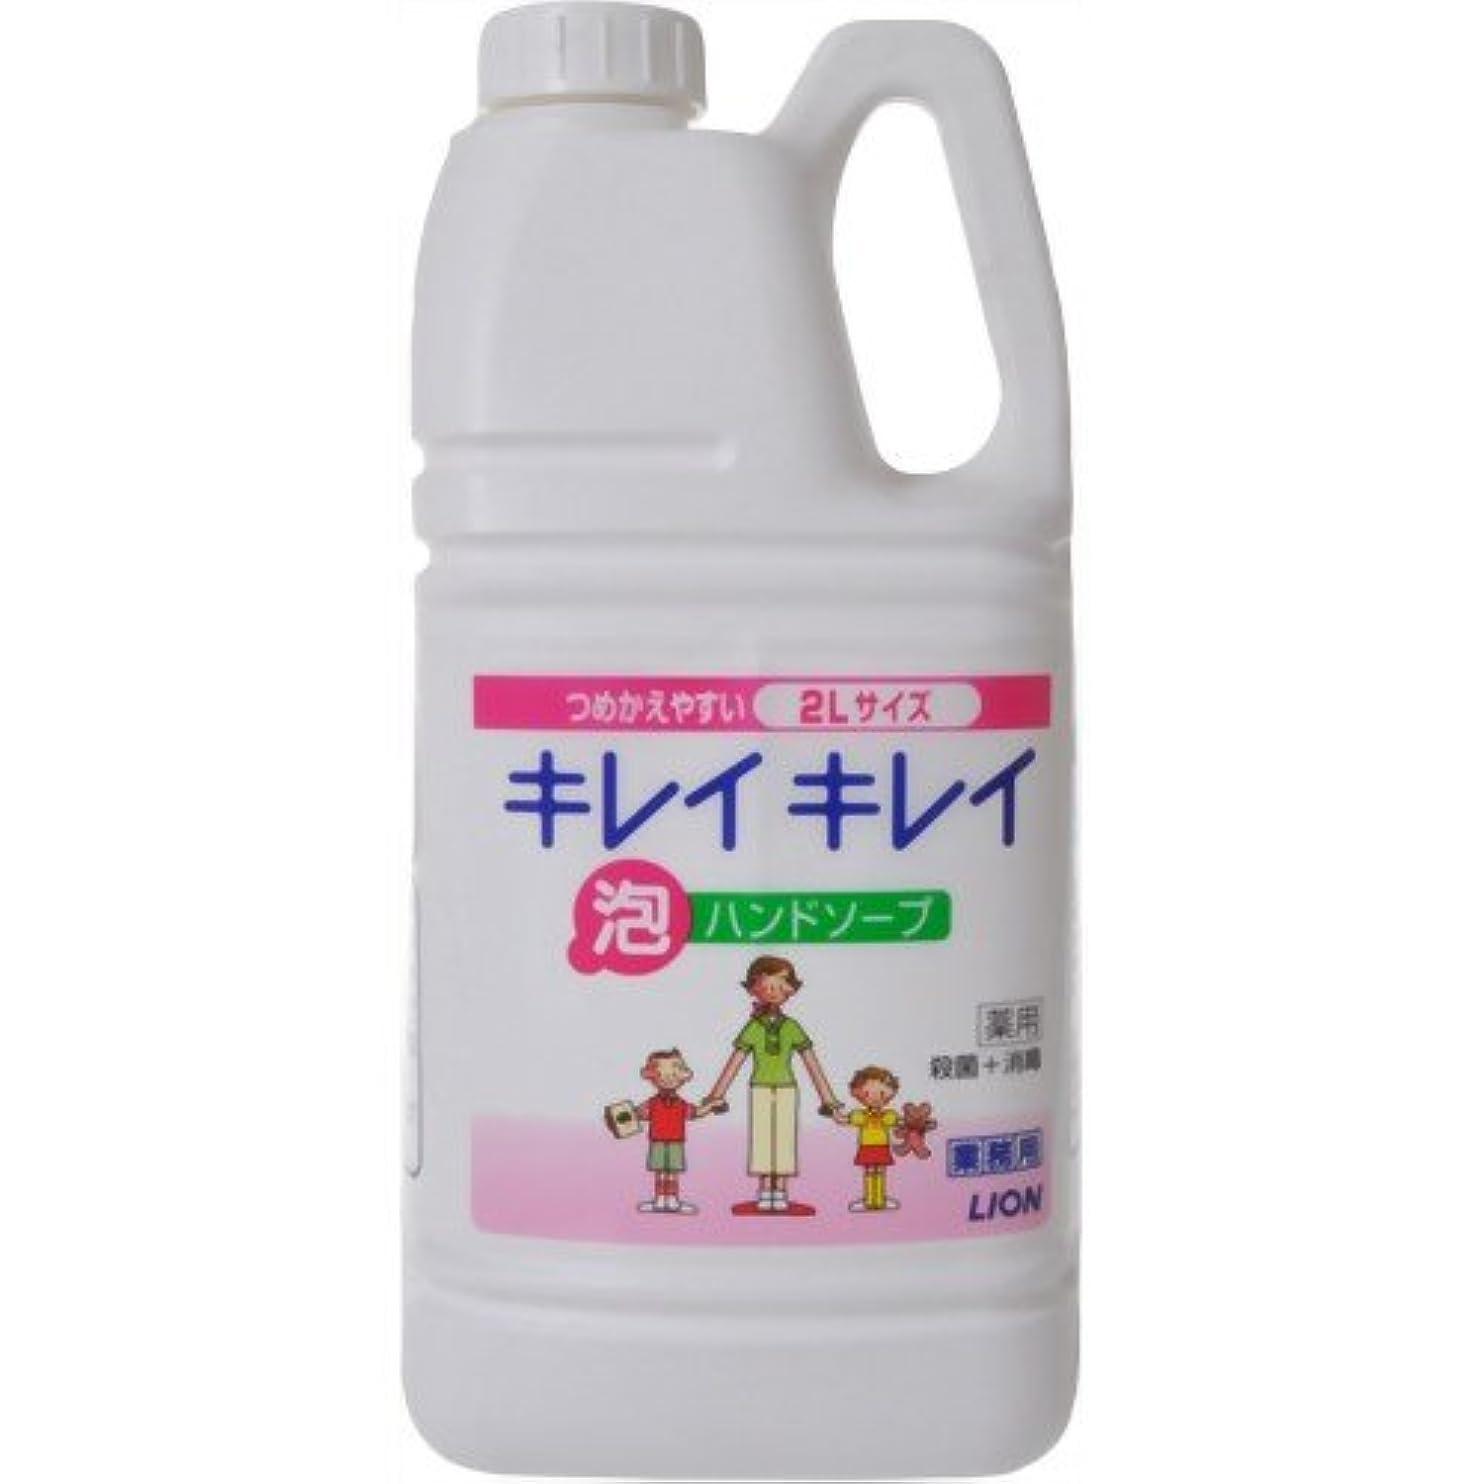 他に区はねかけるキレイキレイ薬用泡ハンドソープ2L(業務用)